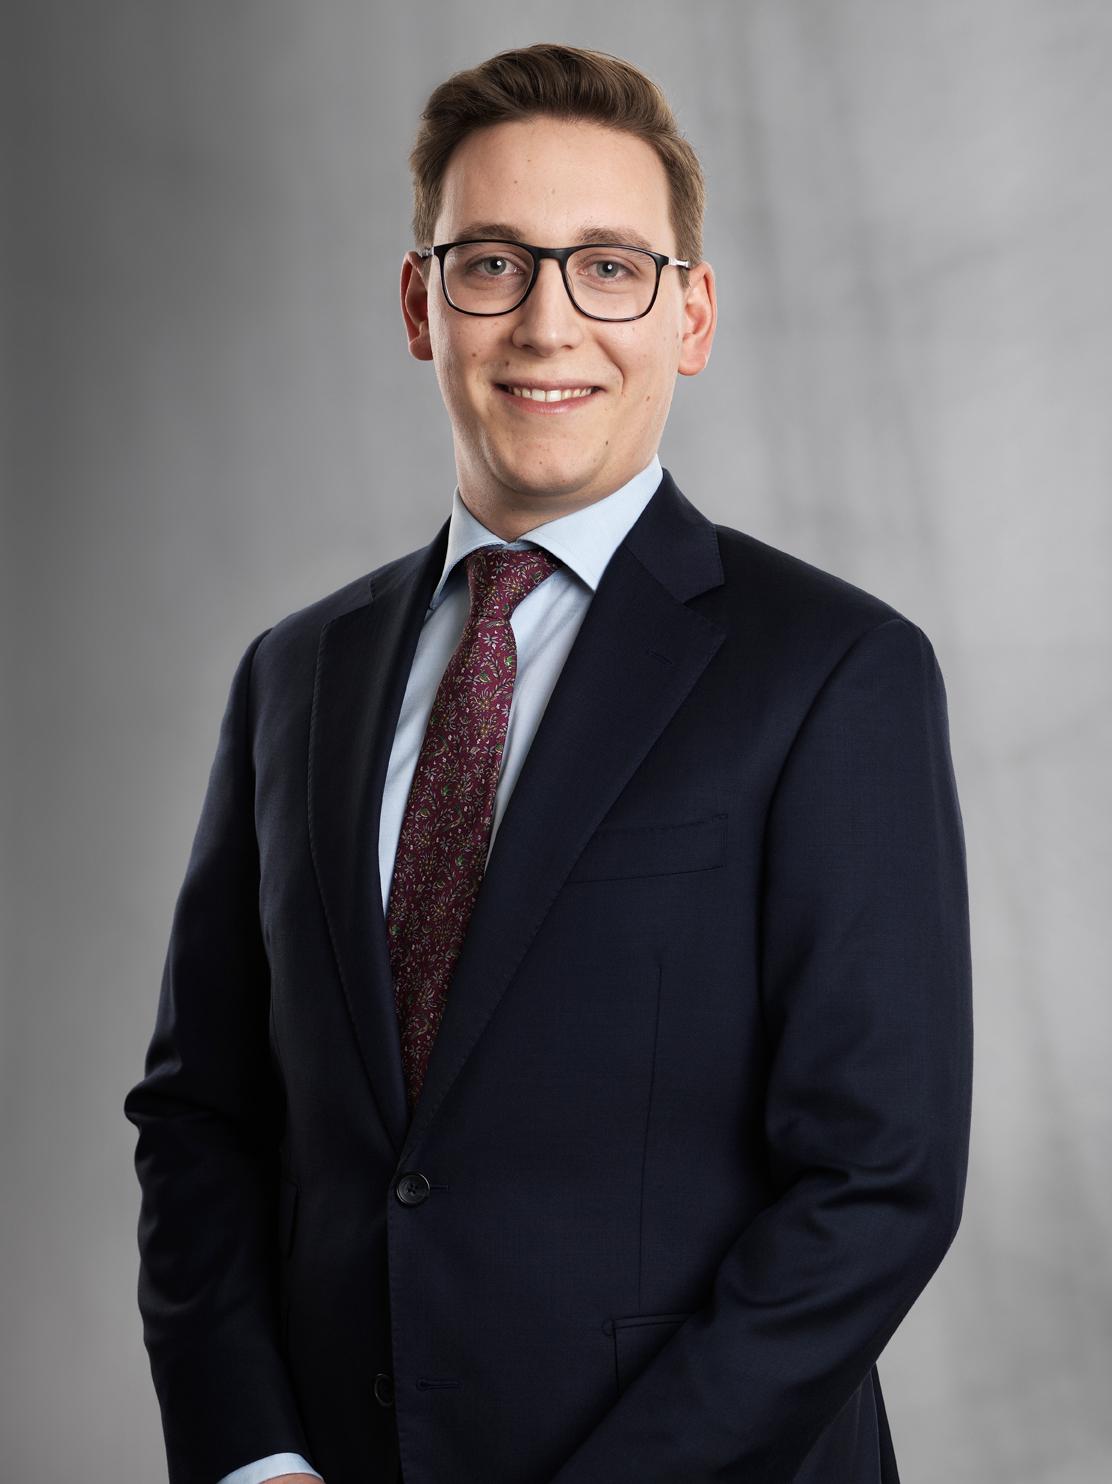 Samuel Streuli